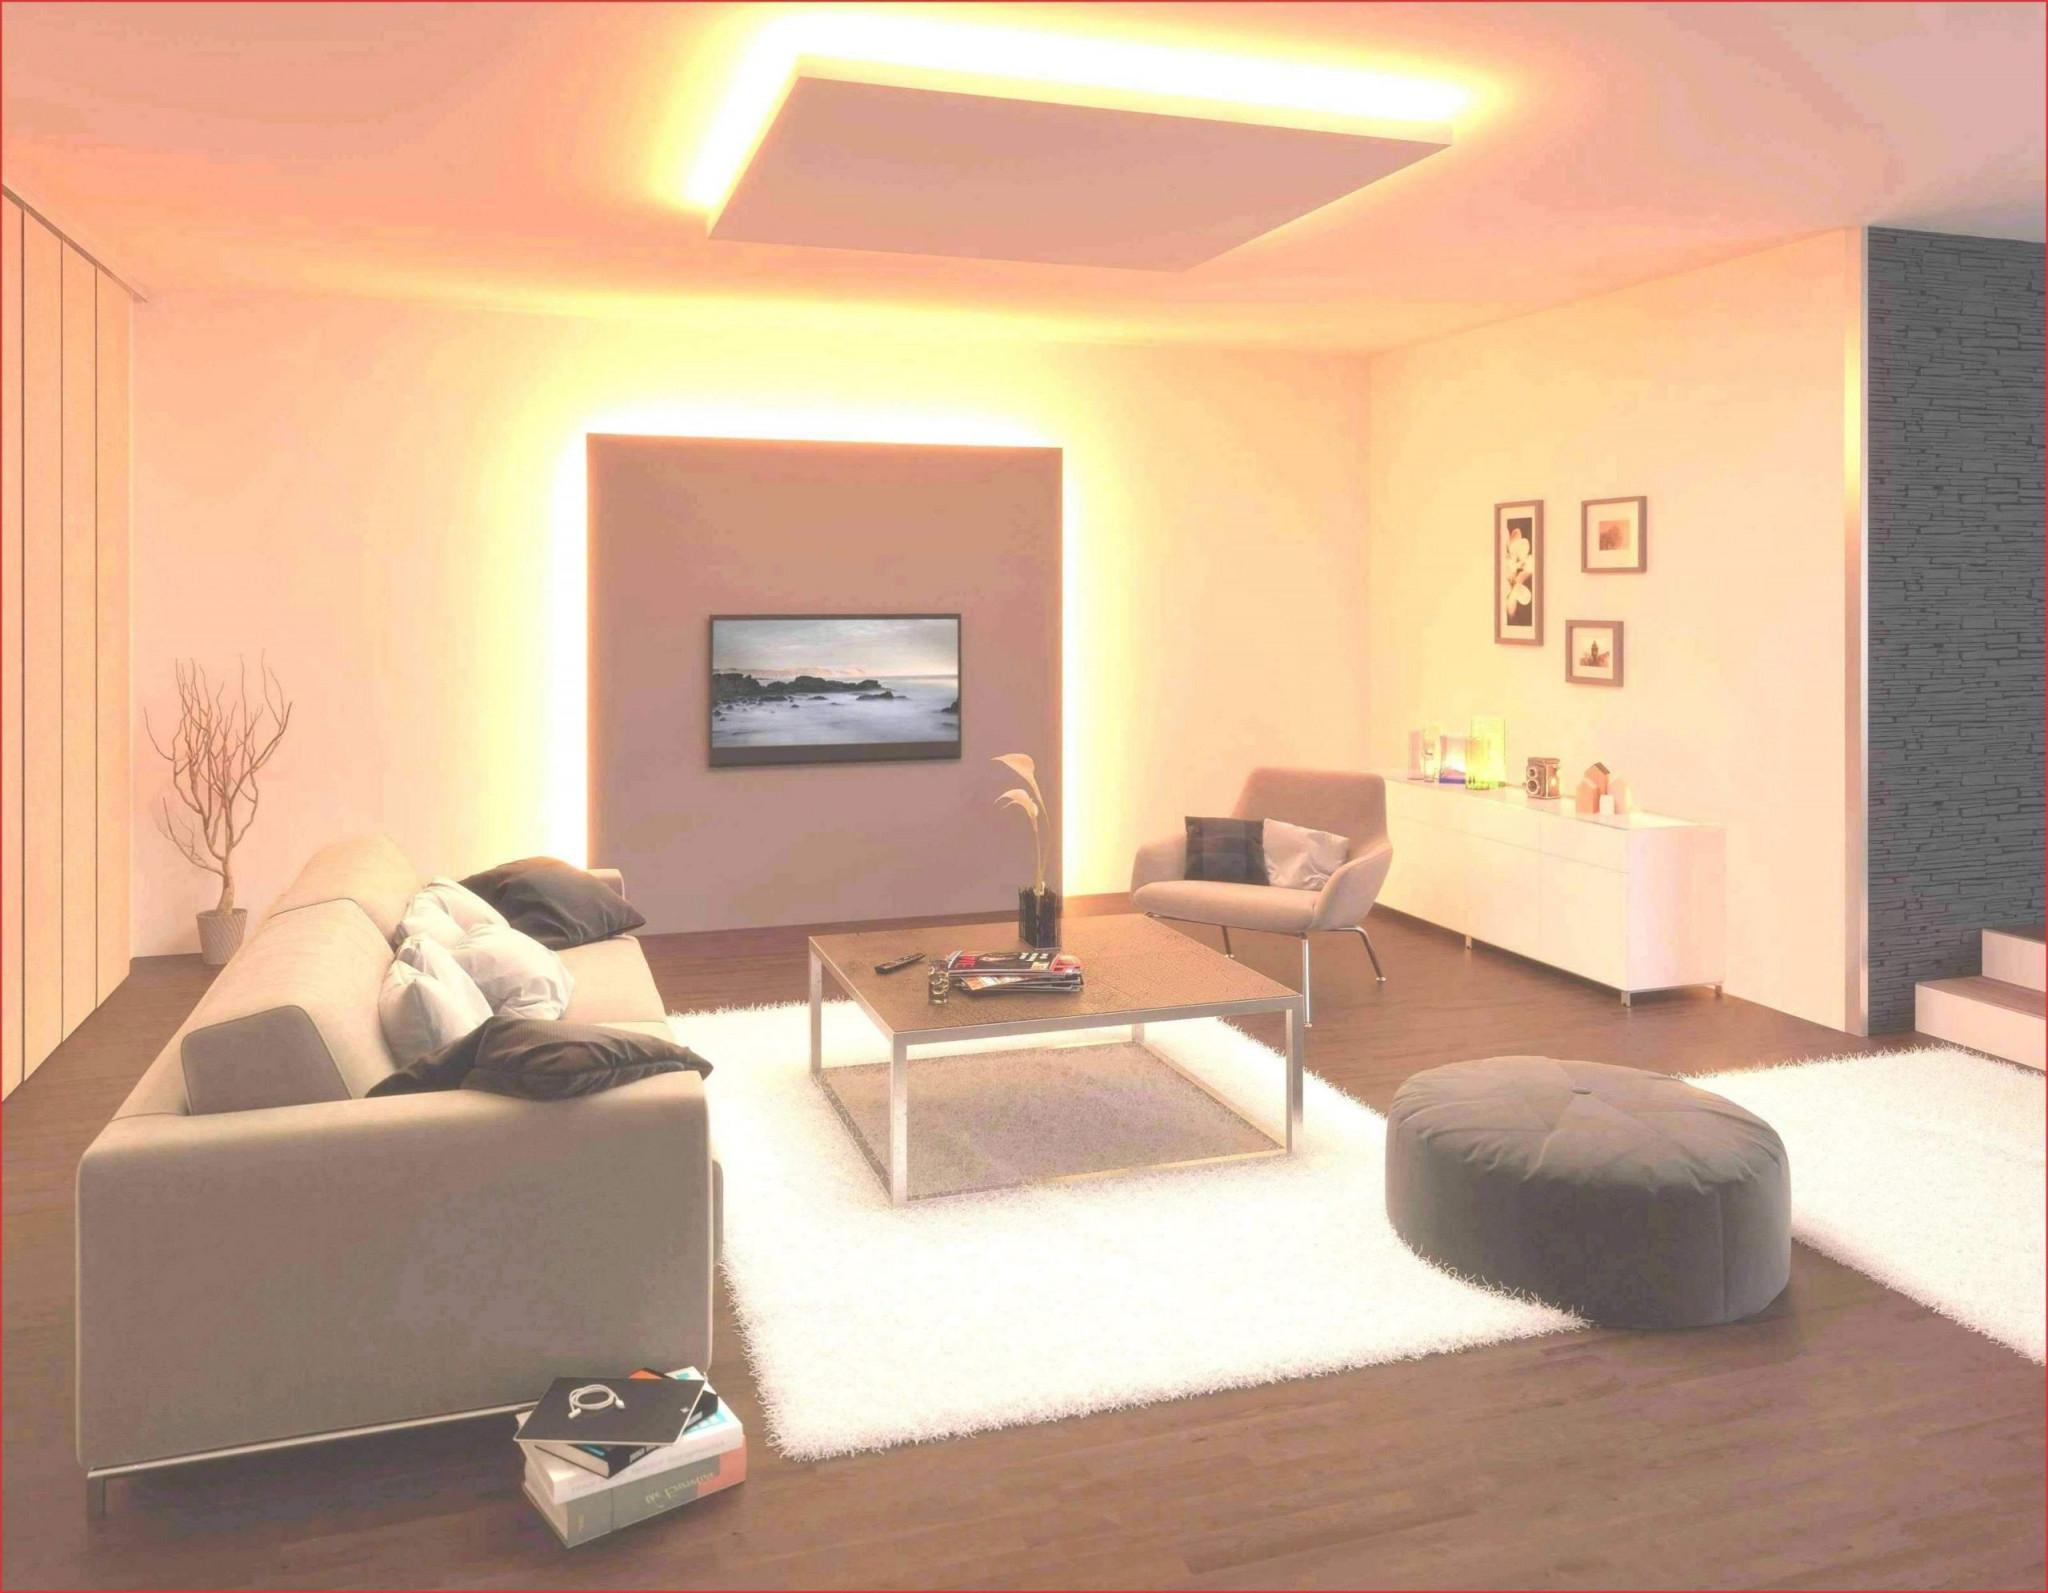 Deckenleuchten Led Wohnzimmer von Deckenleuchte Led Wohnzimmer Photo